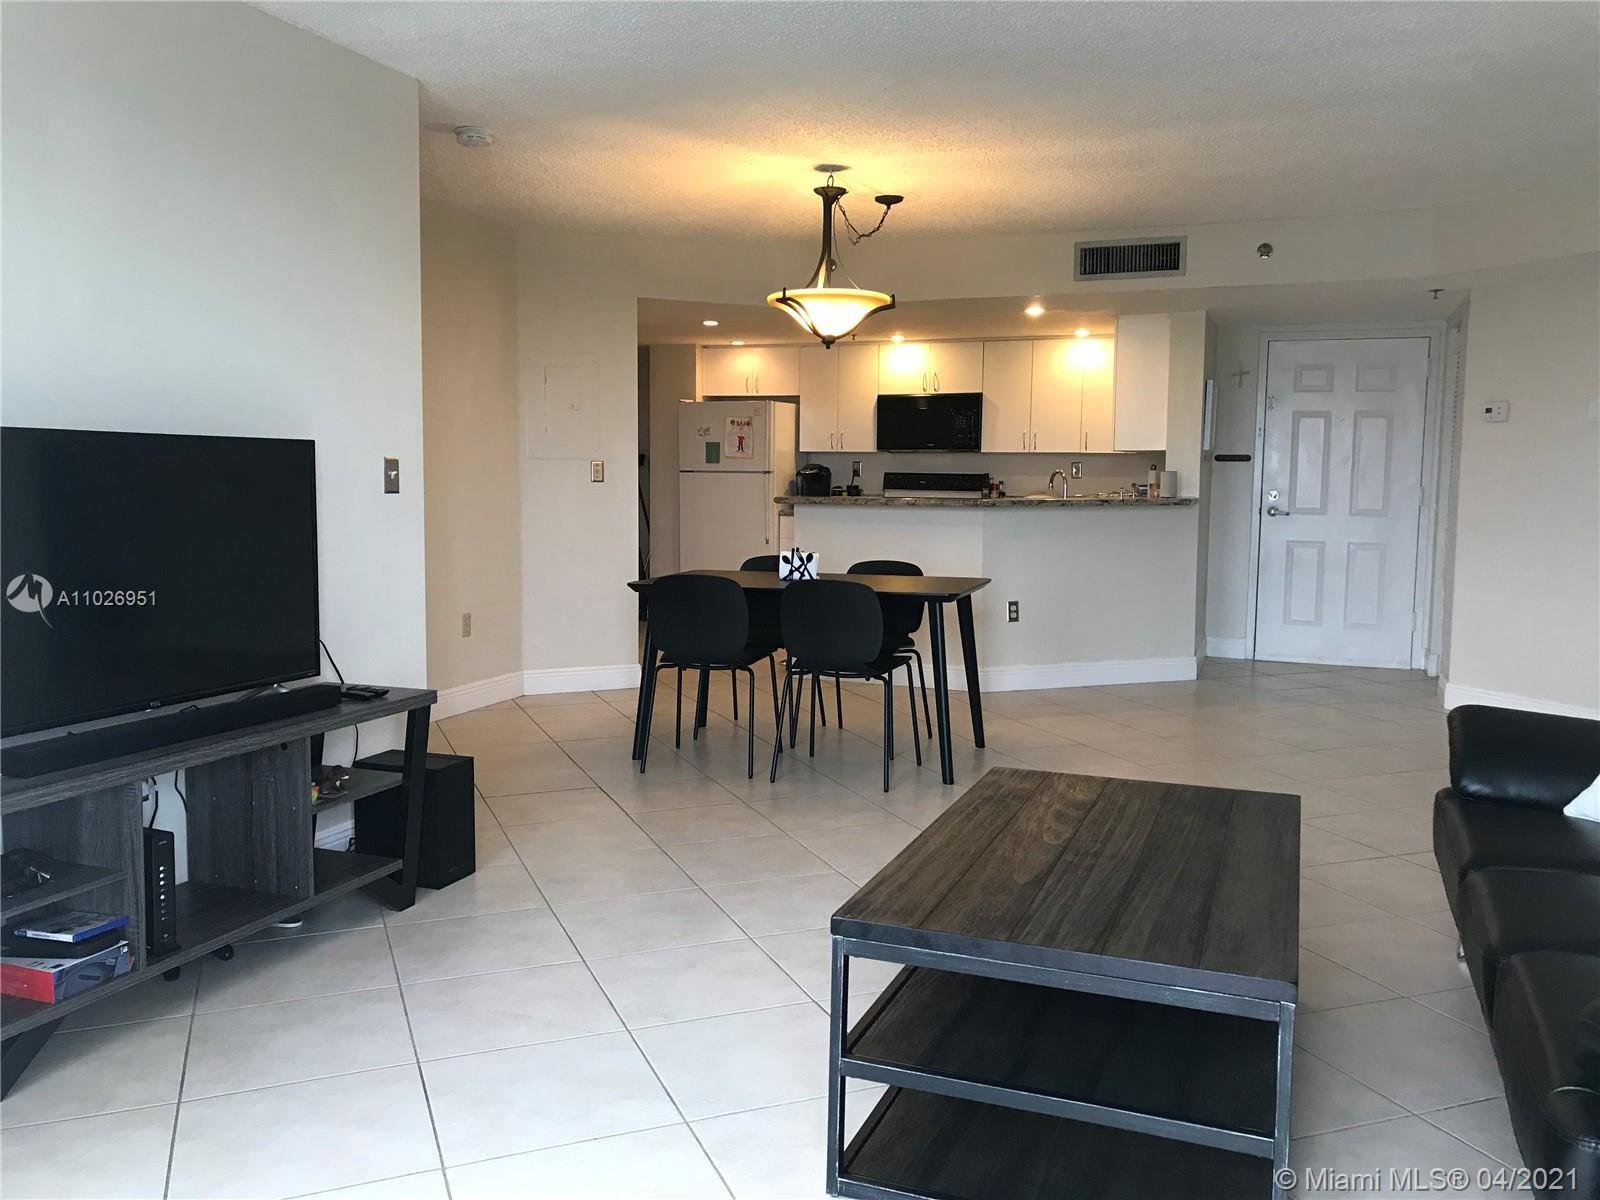 Miami, FL 33145